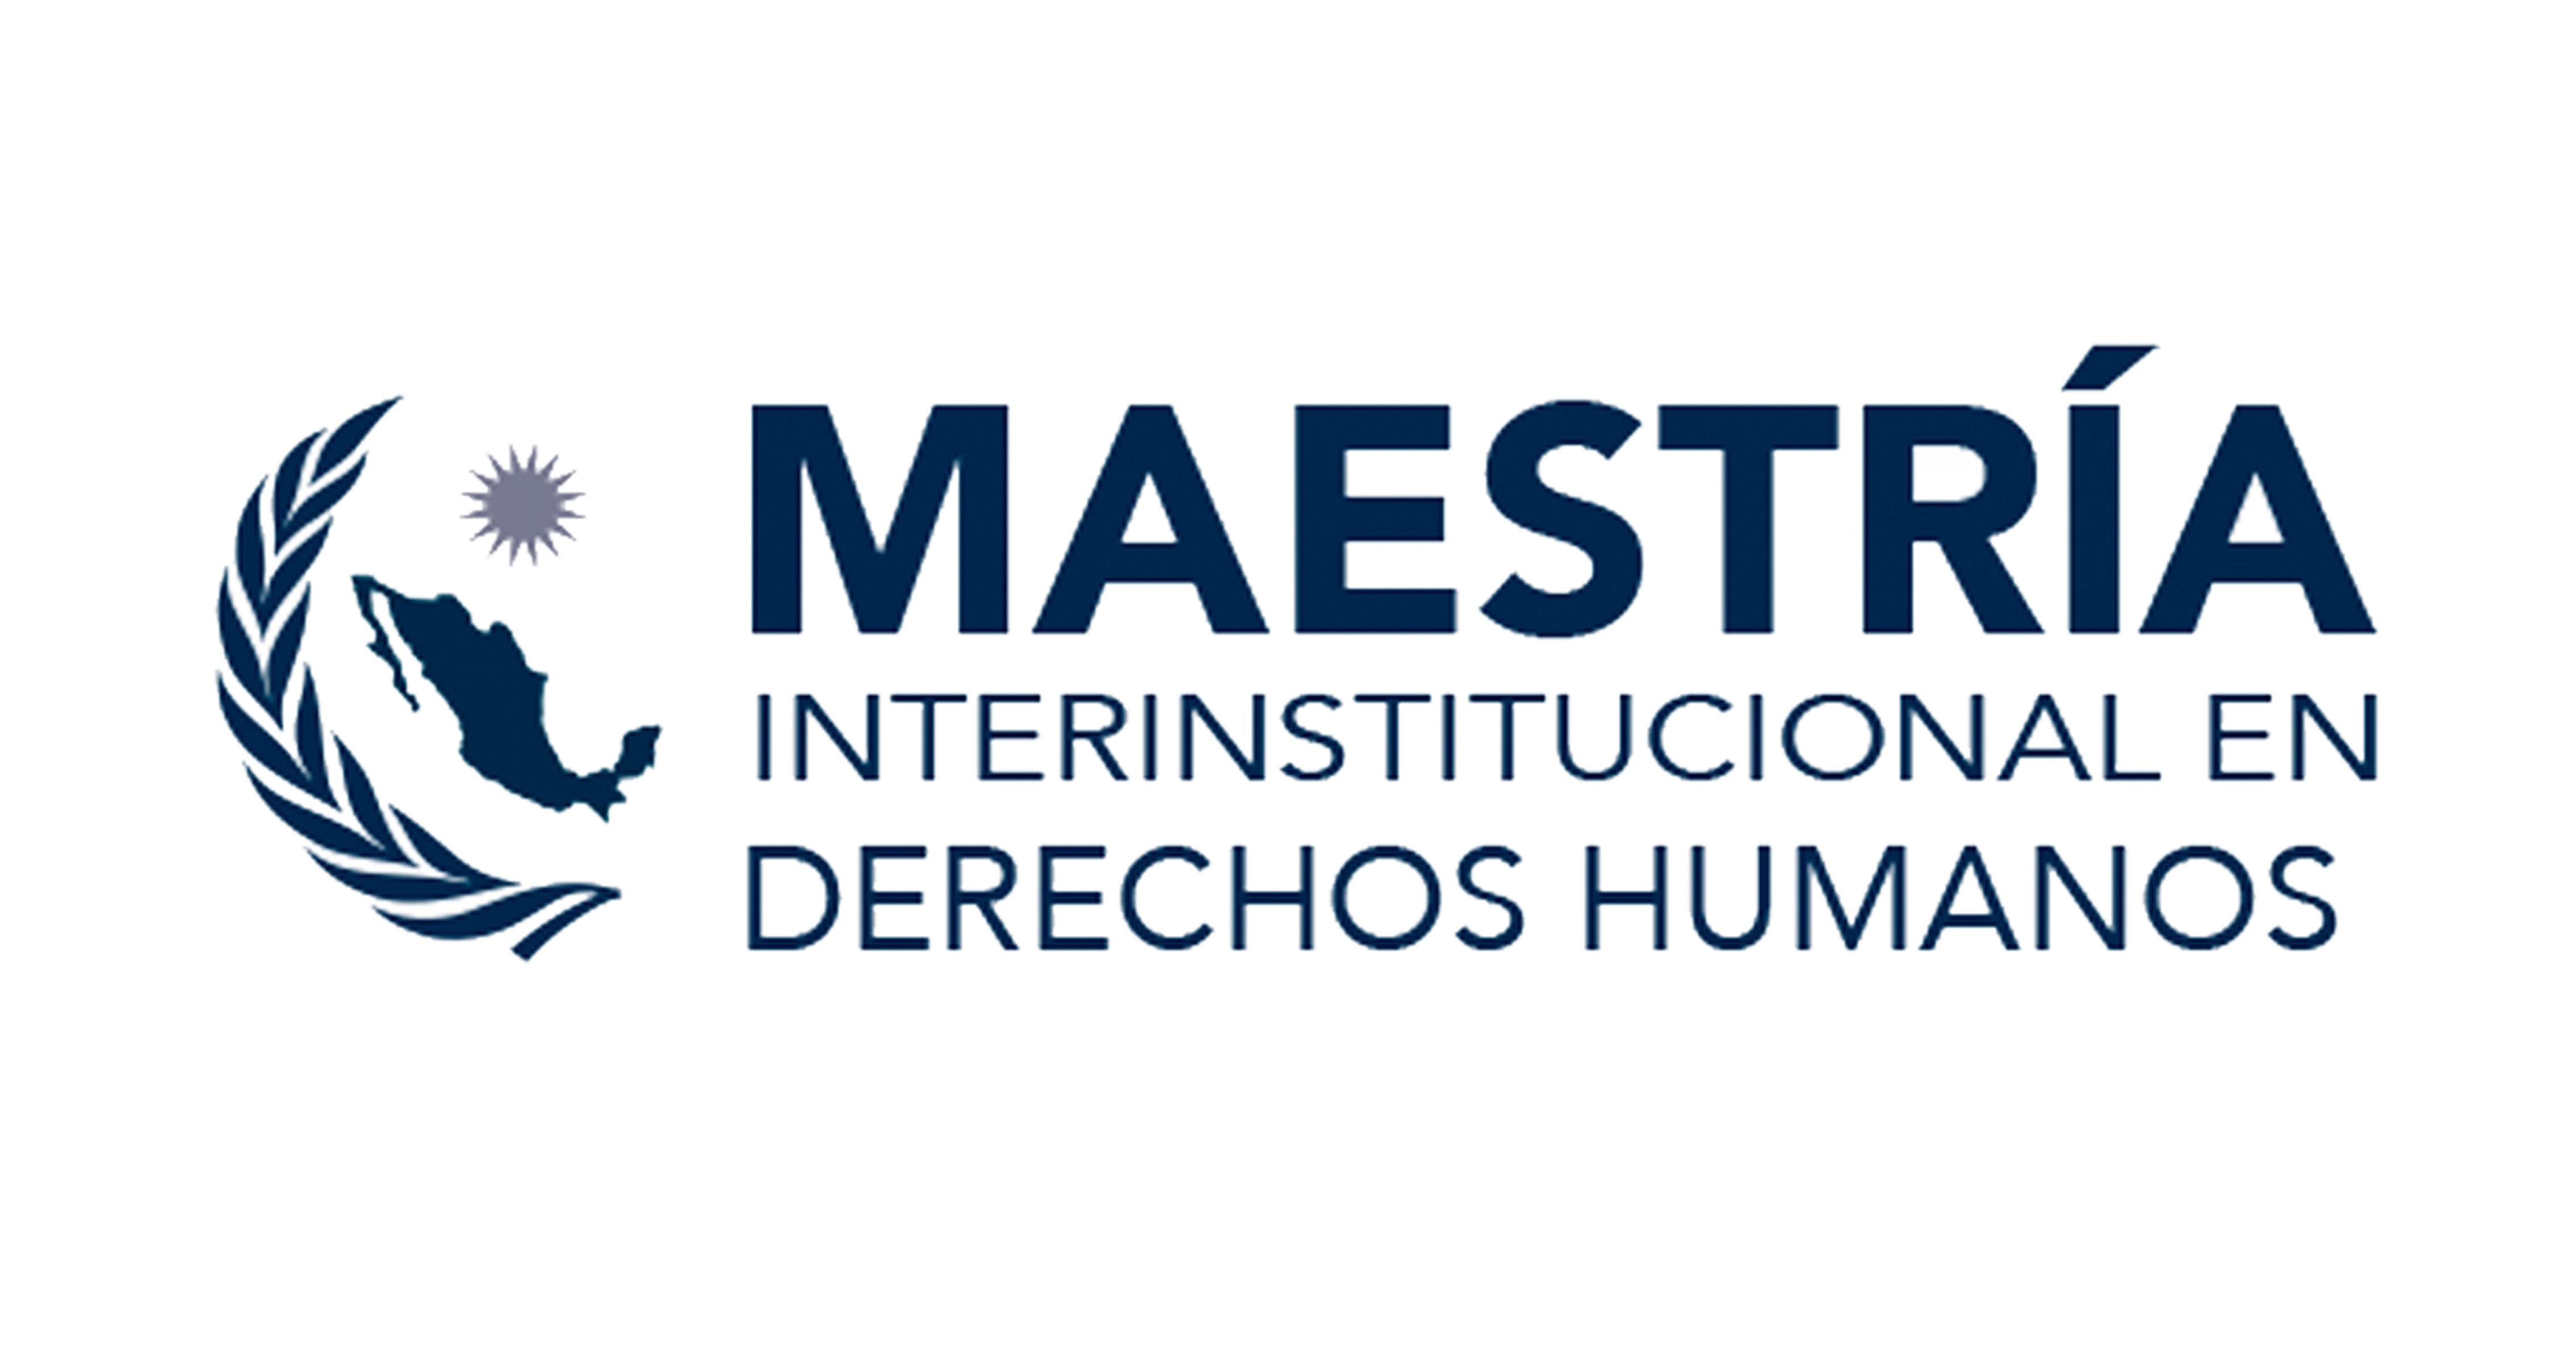 Maestía Interistitucional en Derechos Humanos